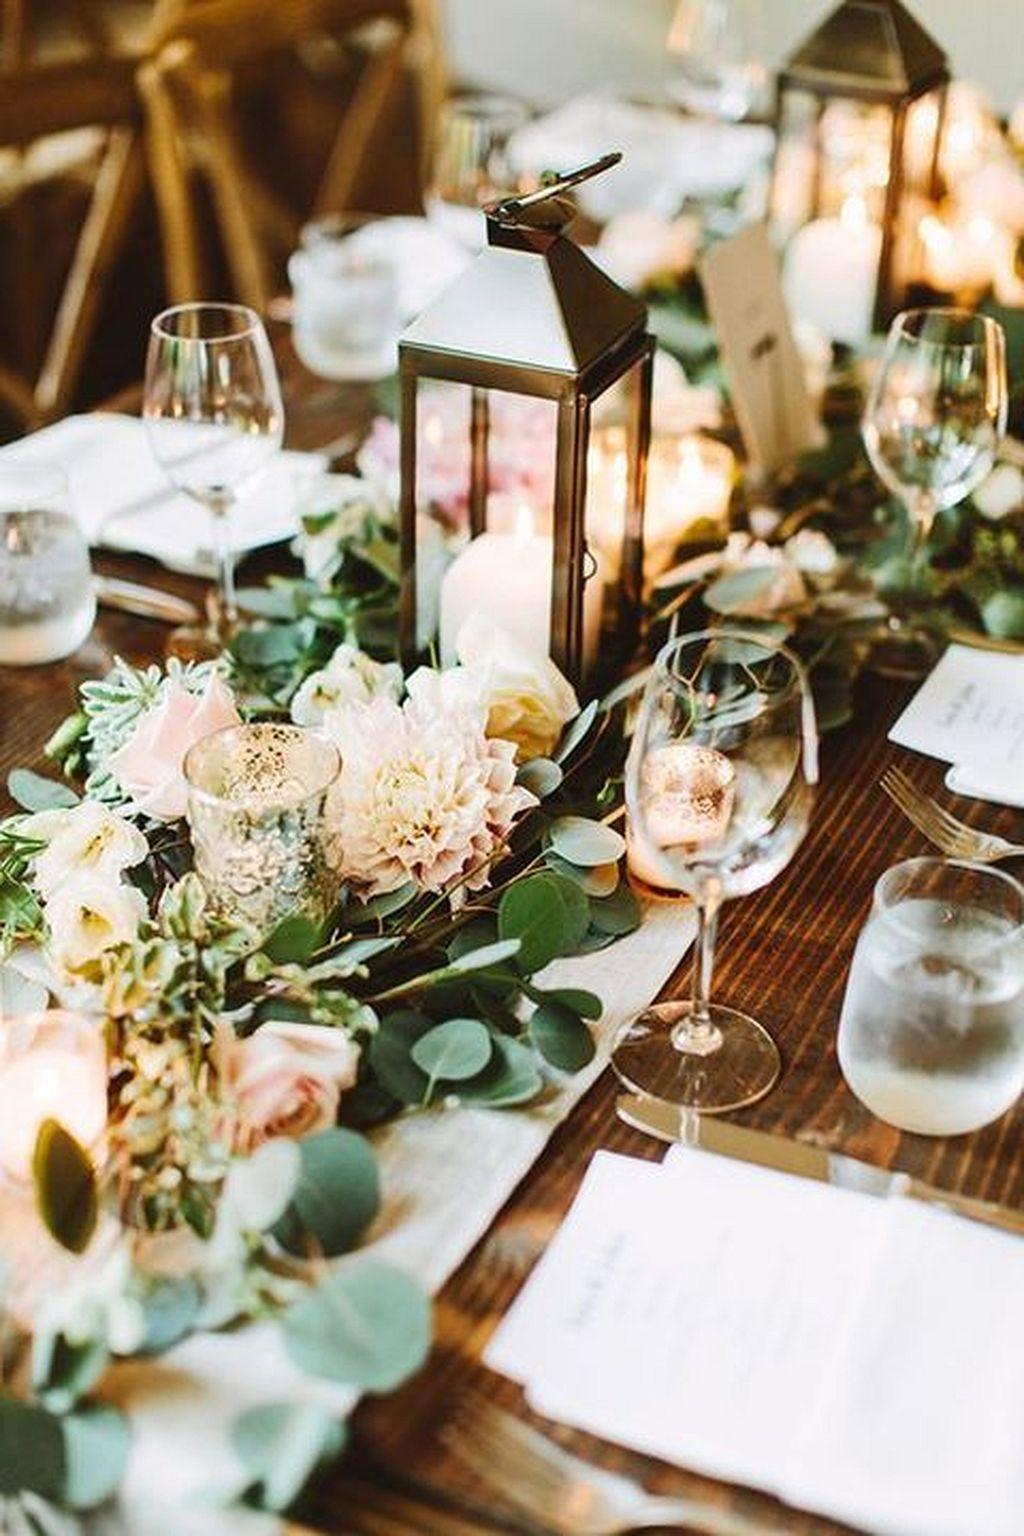 Wedding ideas with lanterns   Amazing Lantern and Flower in Wedding Centerpiece Ideas